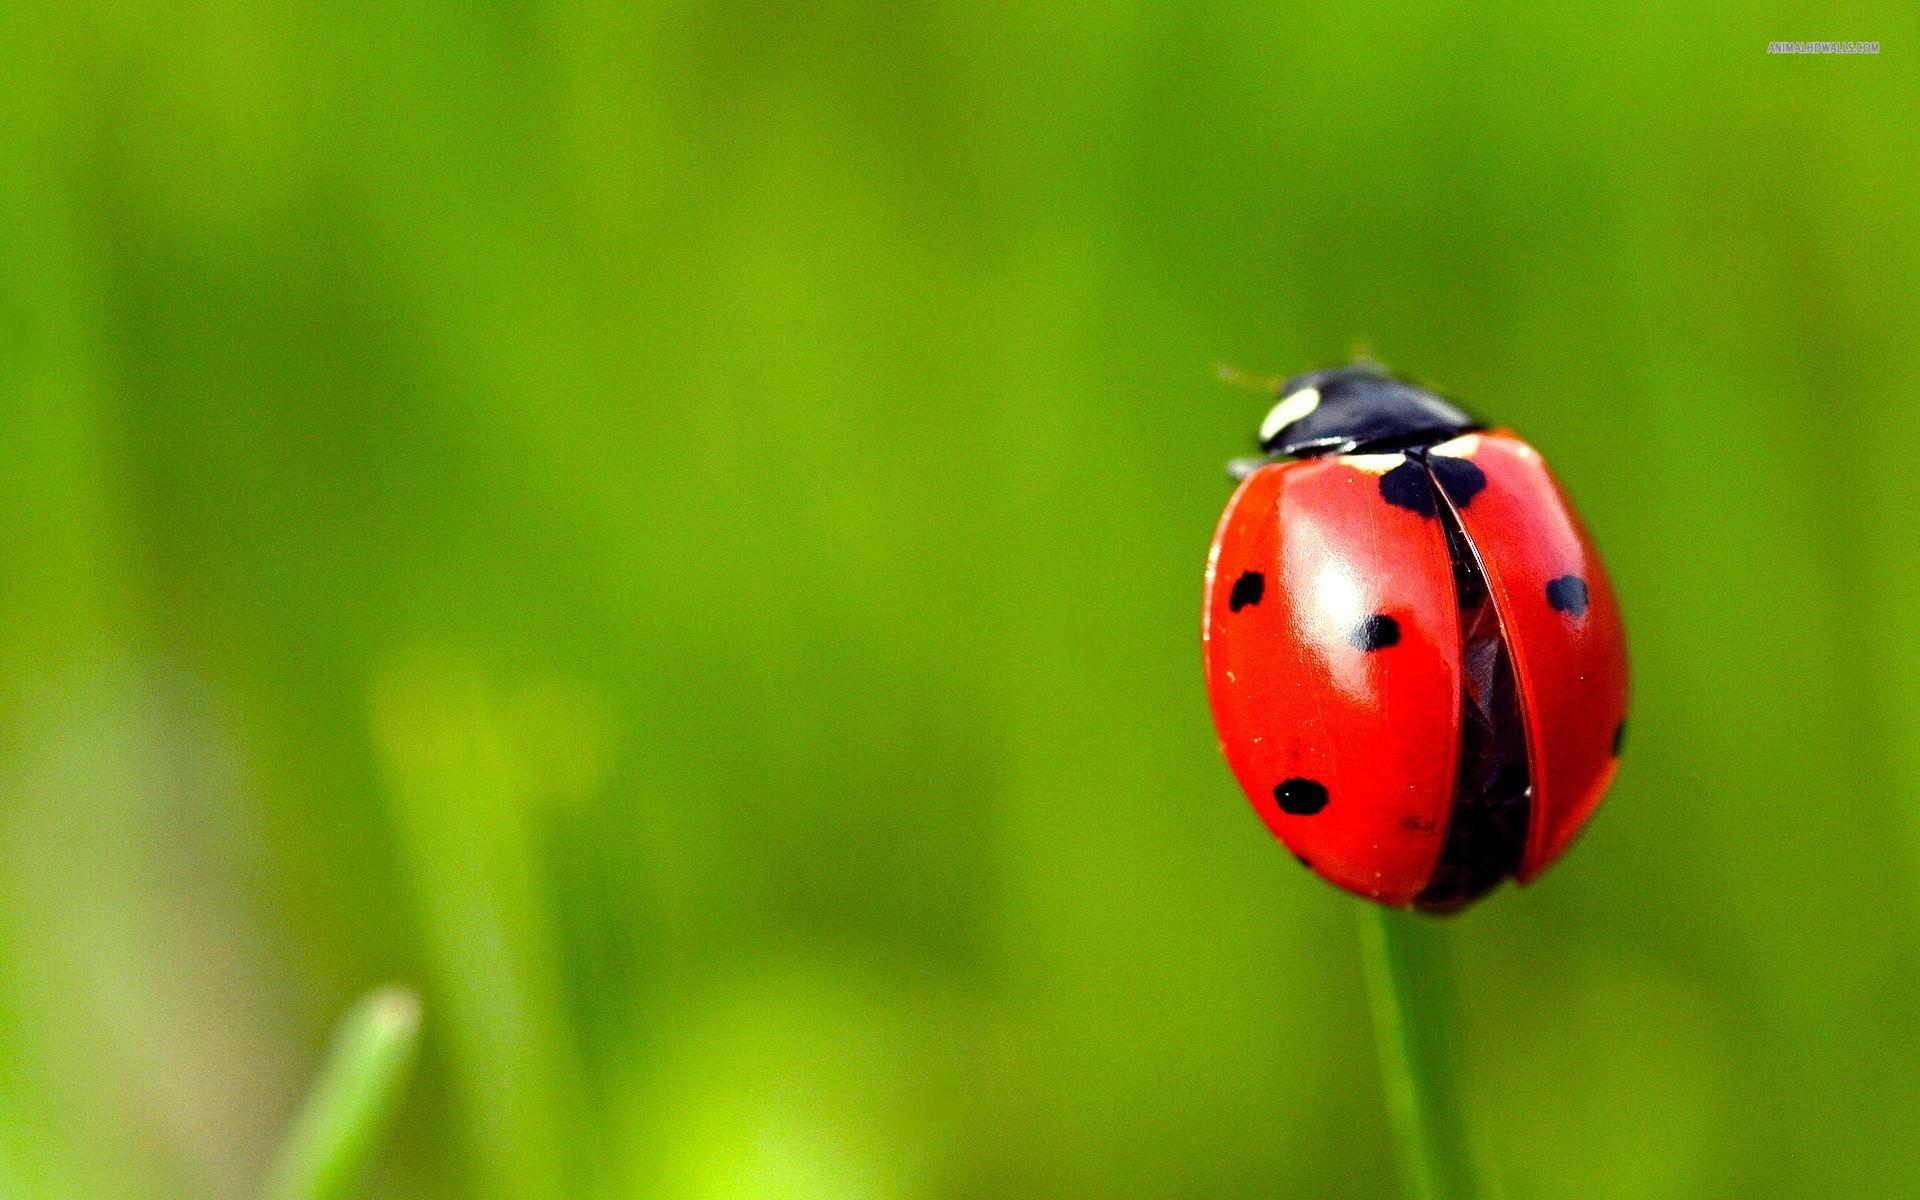 Fabulous Ladybug Wallpaper